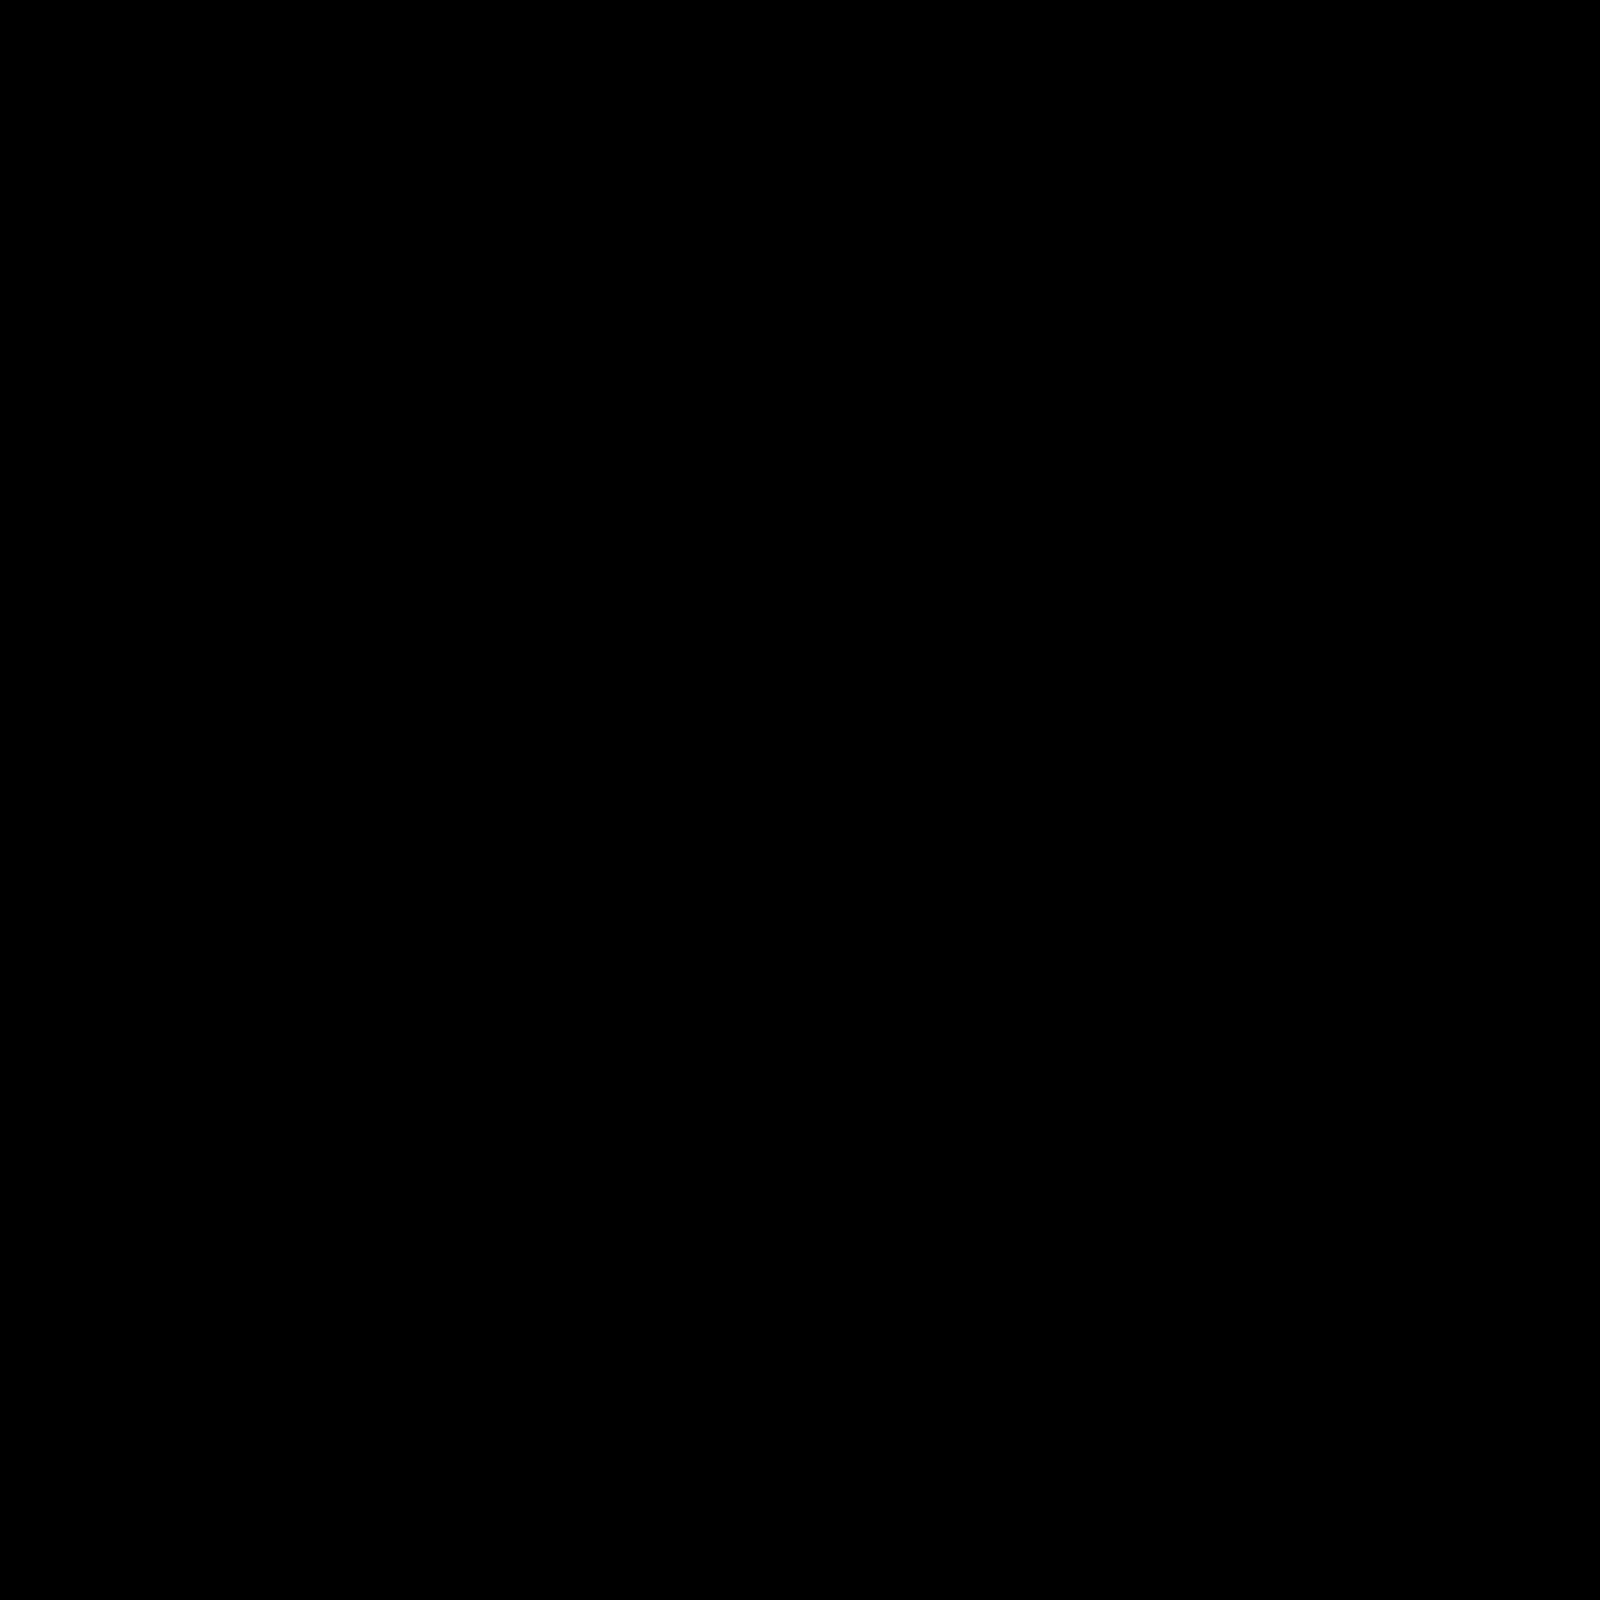 日历减 icon